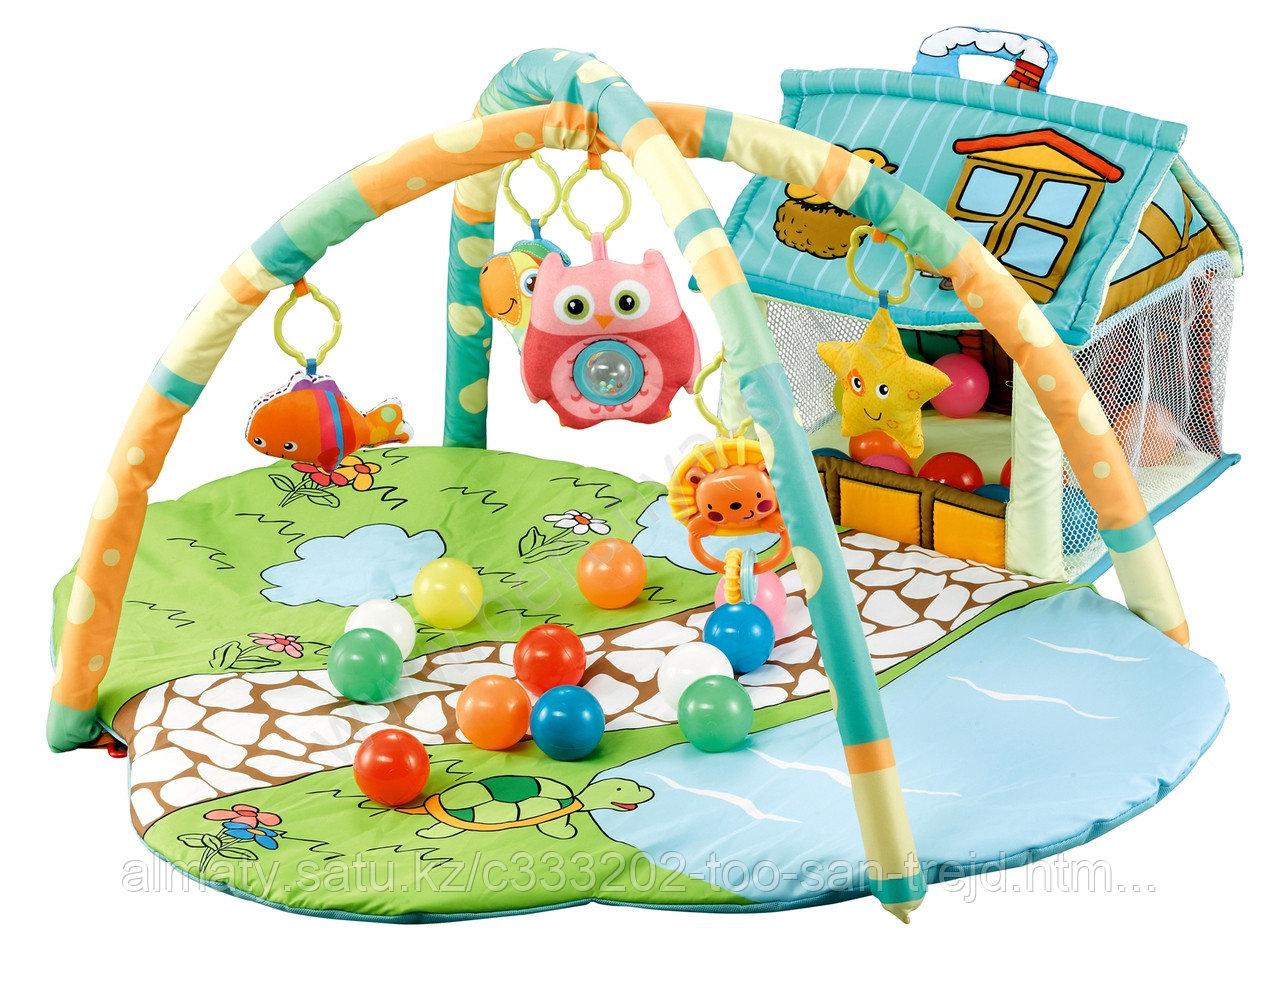 Детский развивающий коврик  с набором шариков(30шт)